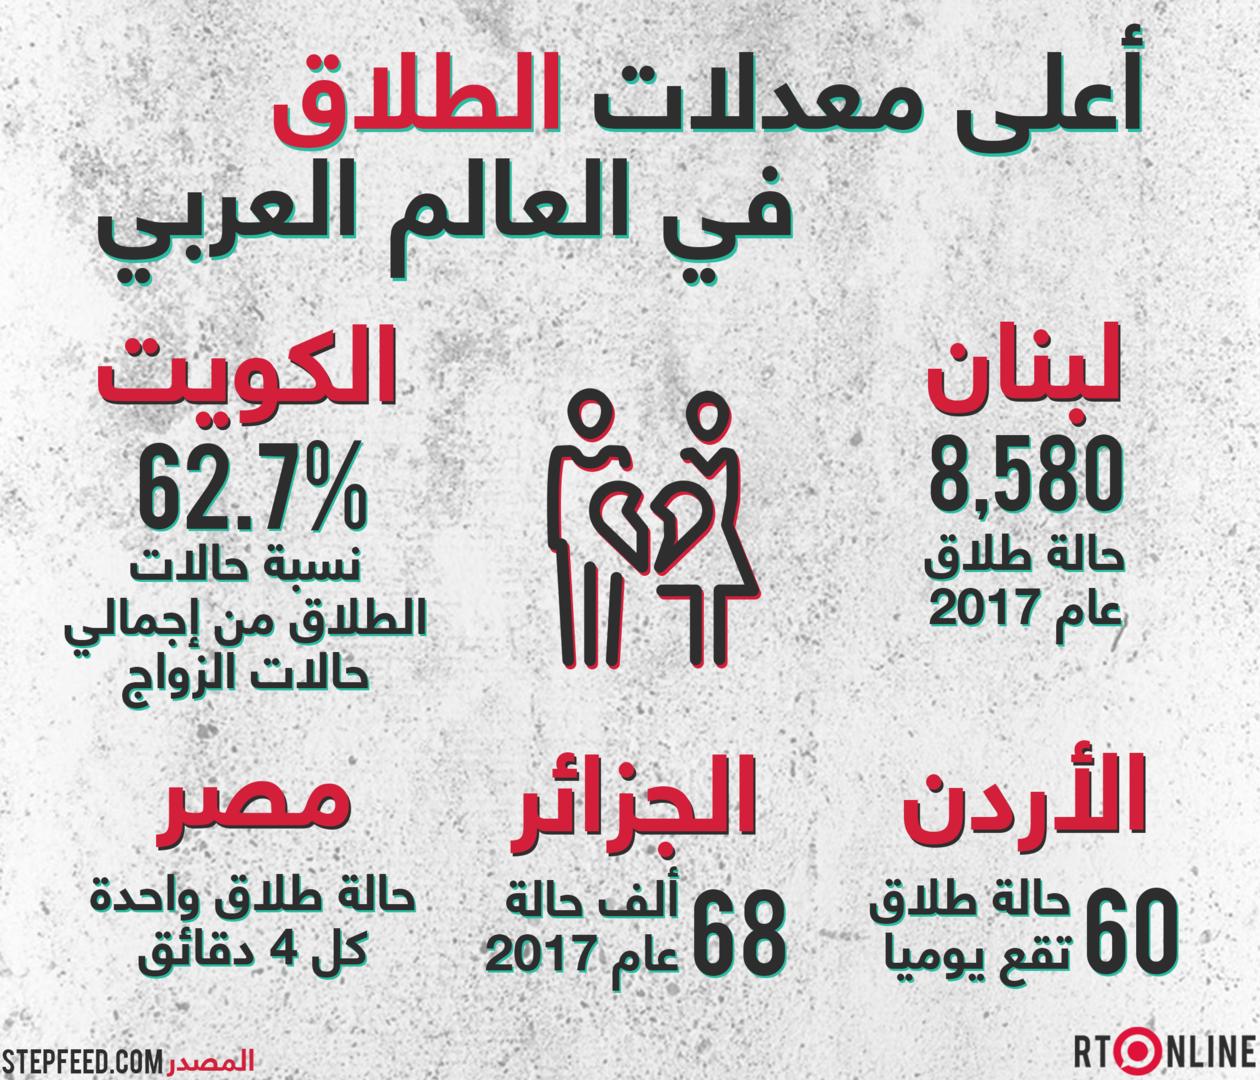 أعلى معدلات الطلاق في العالم العربي